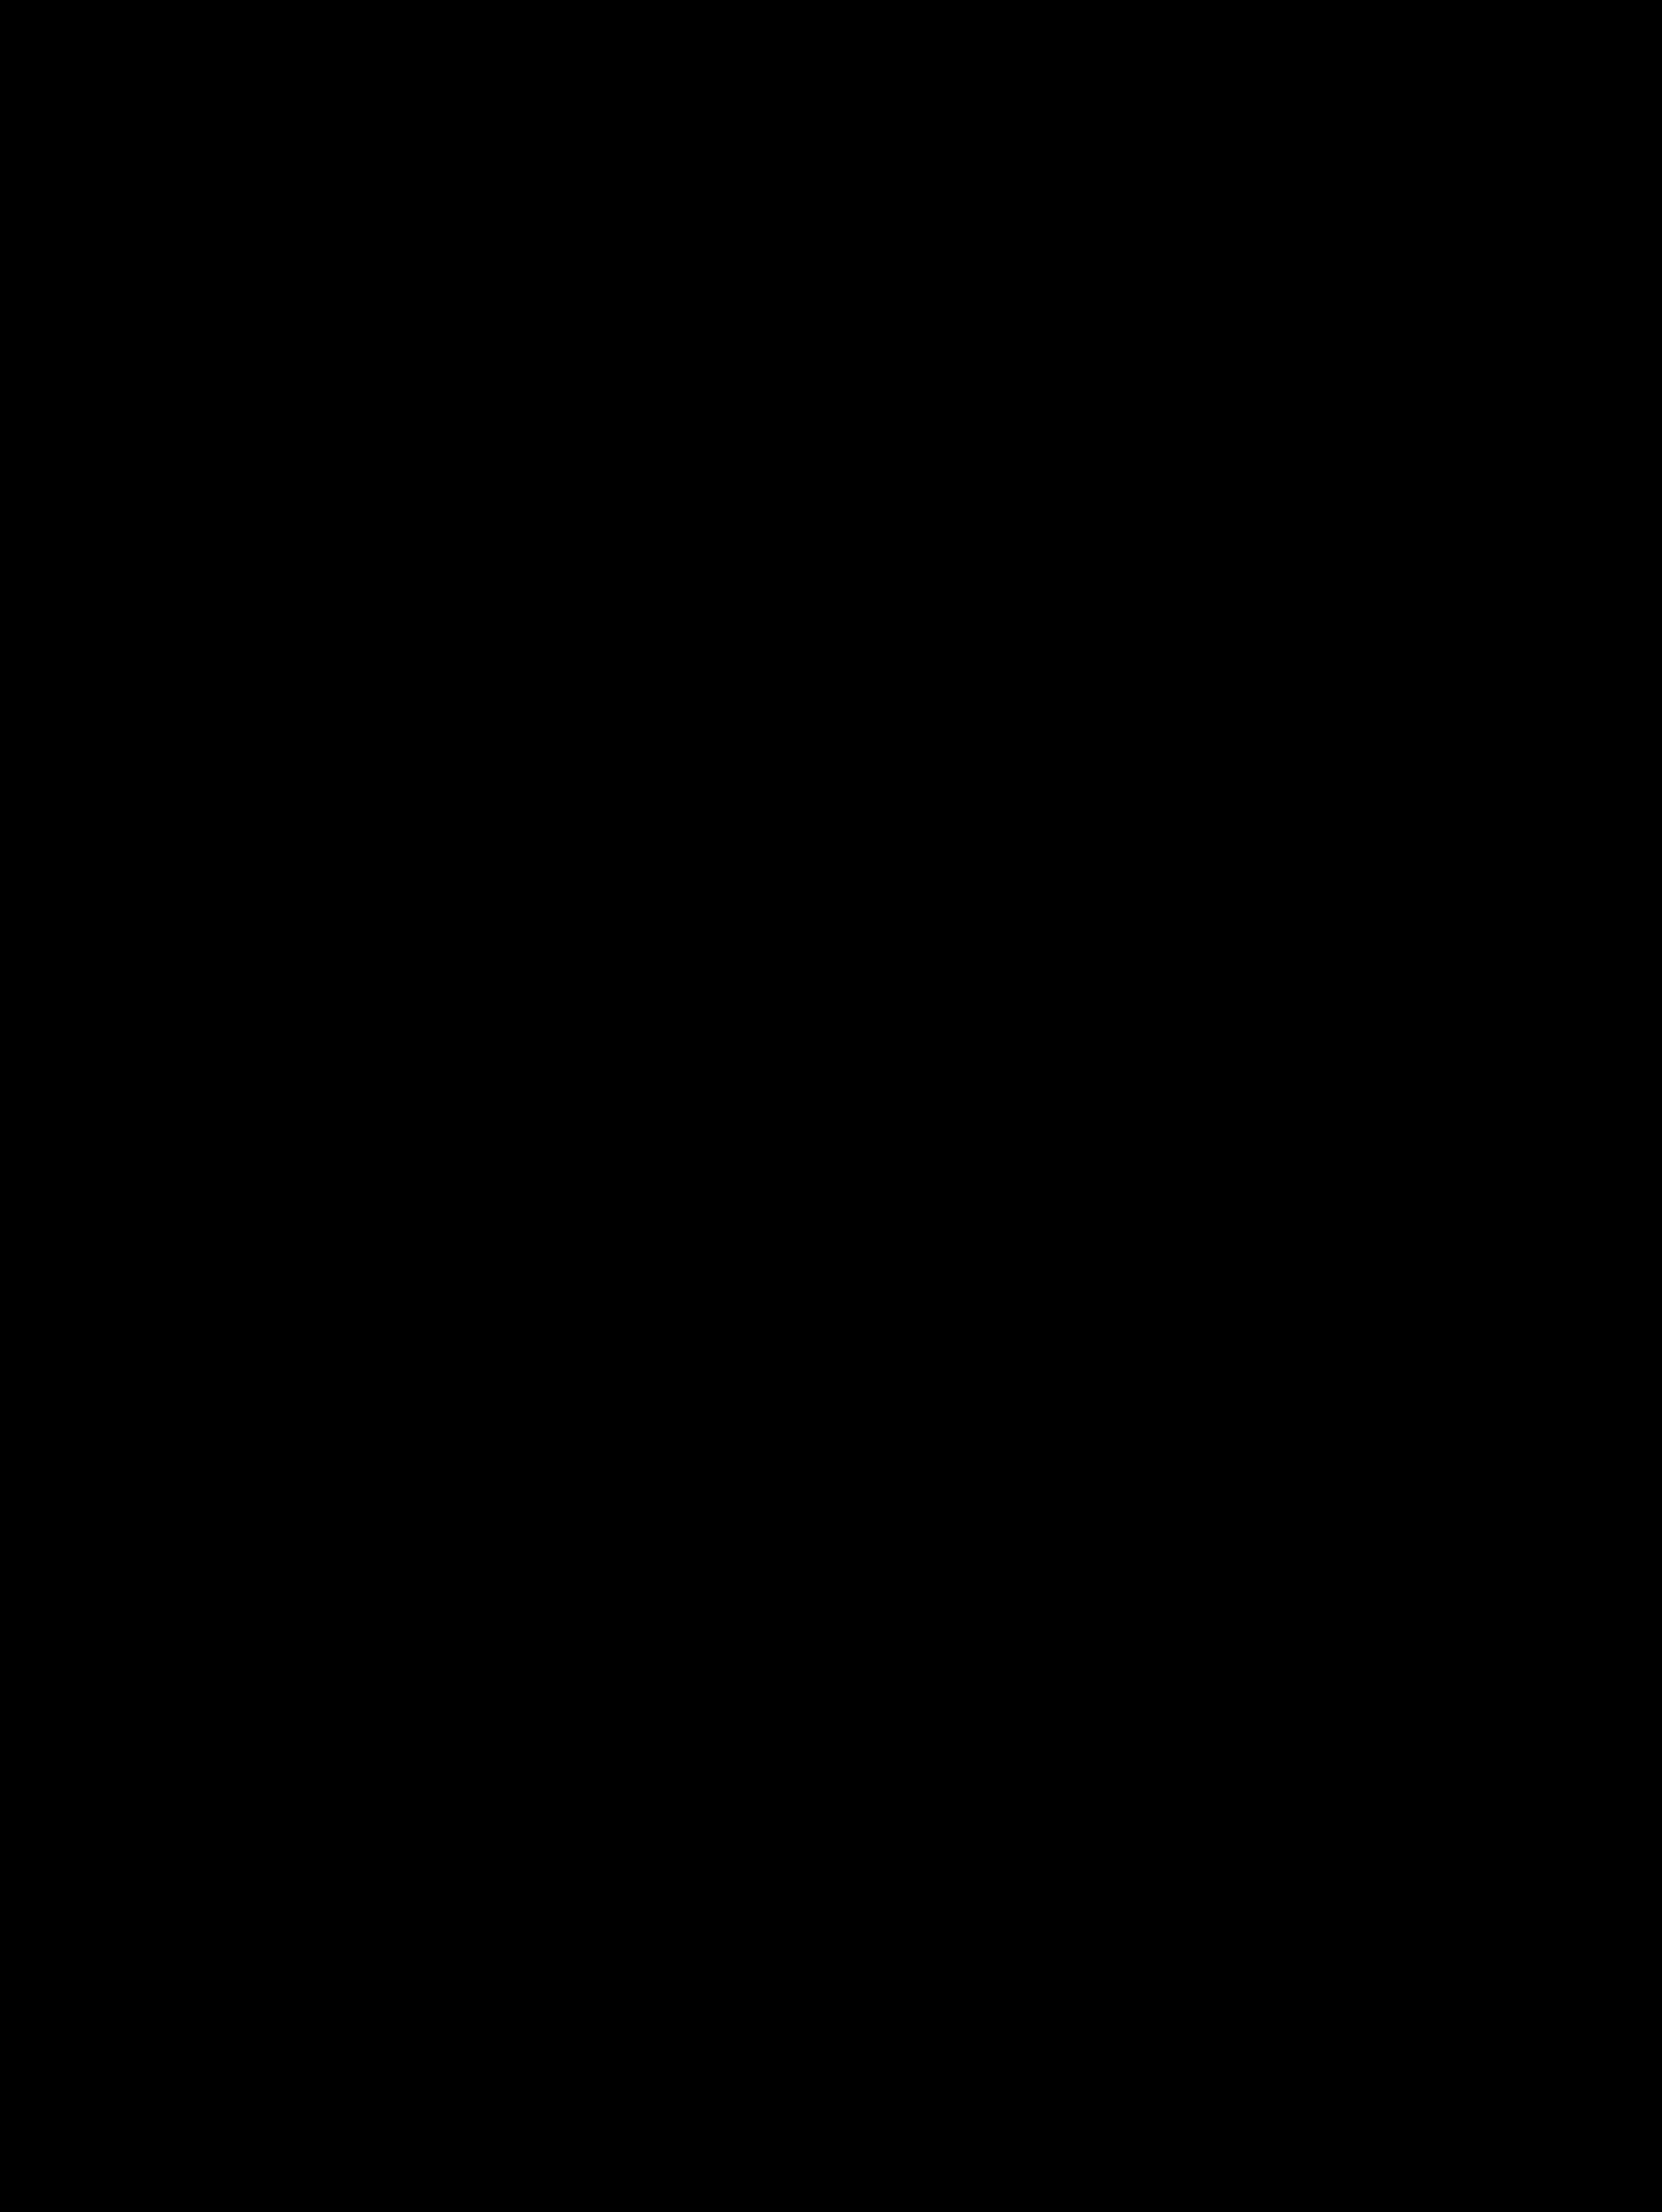 tvn hu nude